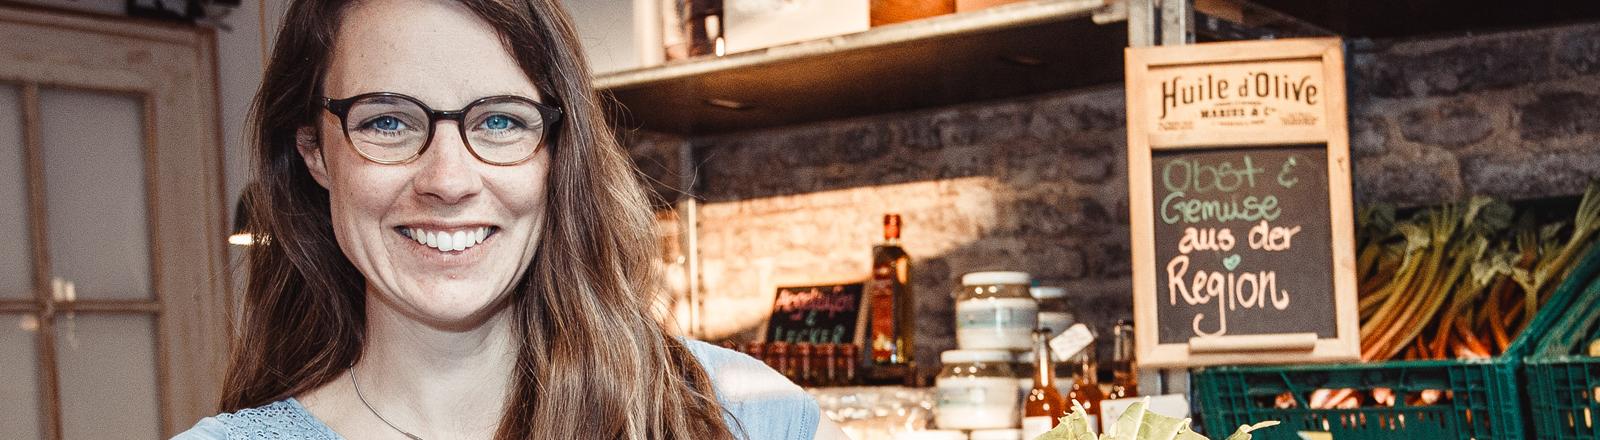 """Nicole Klaski kämpt mit ihrem Laden """"The Good Food"""" gegen Lebensmittelverschwendung."""